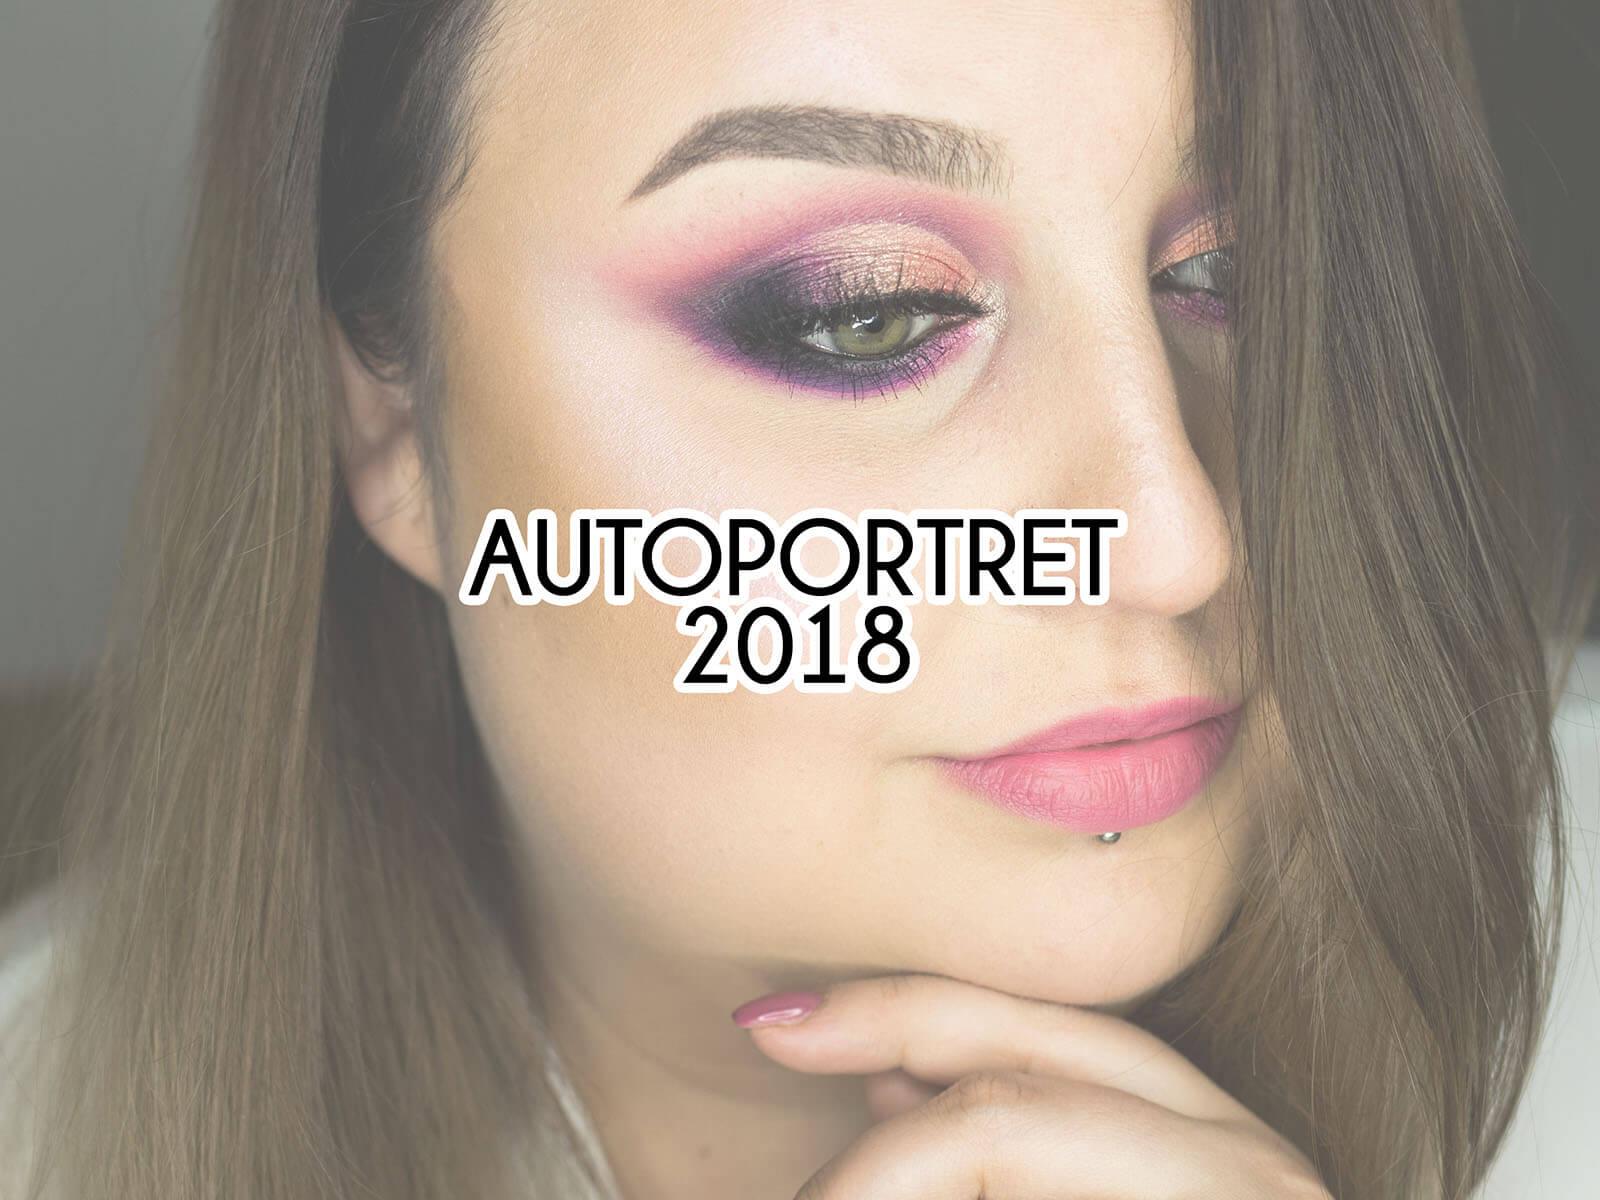 Autoportret 2018